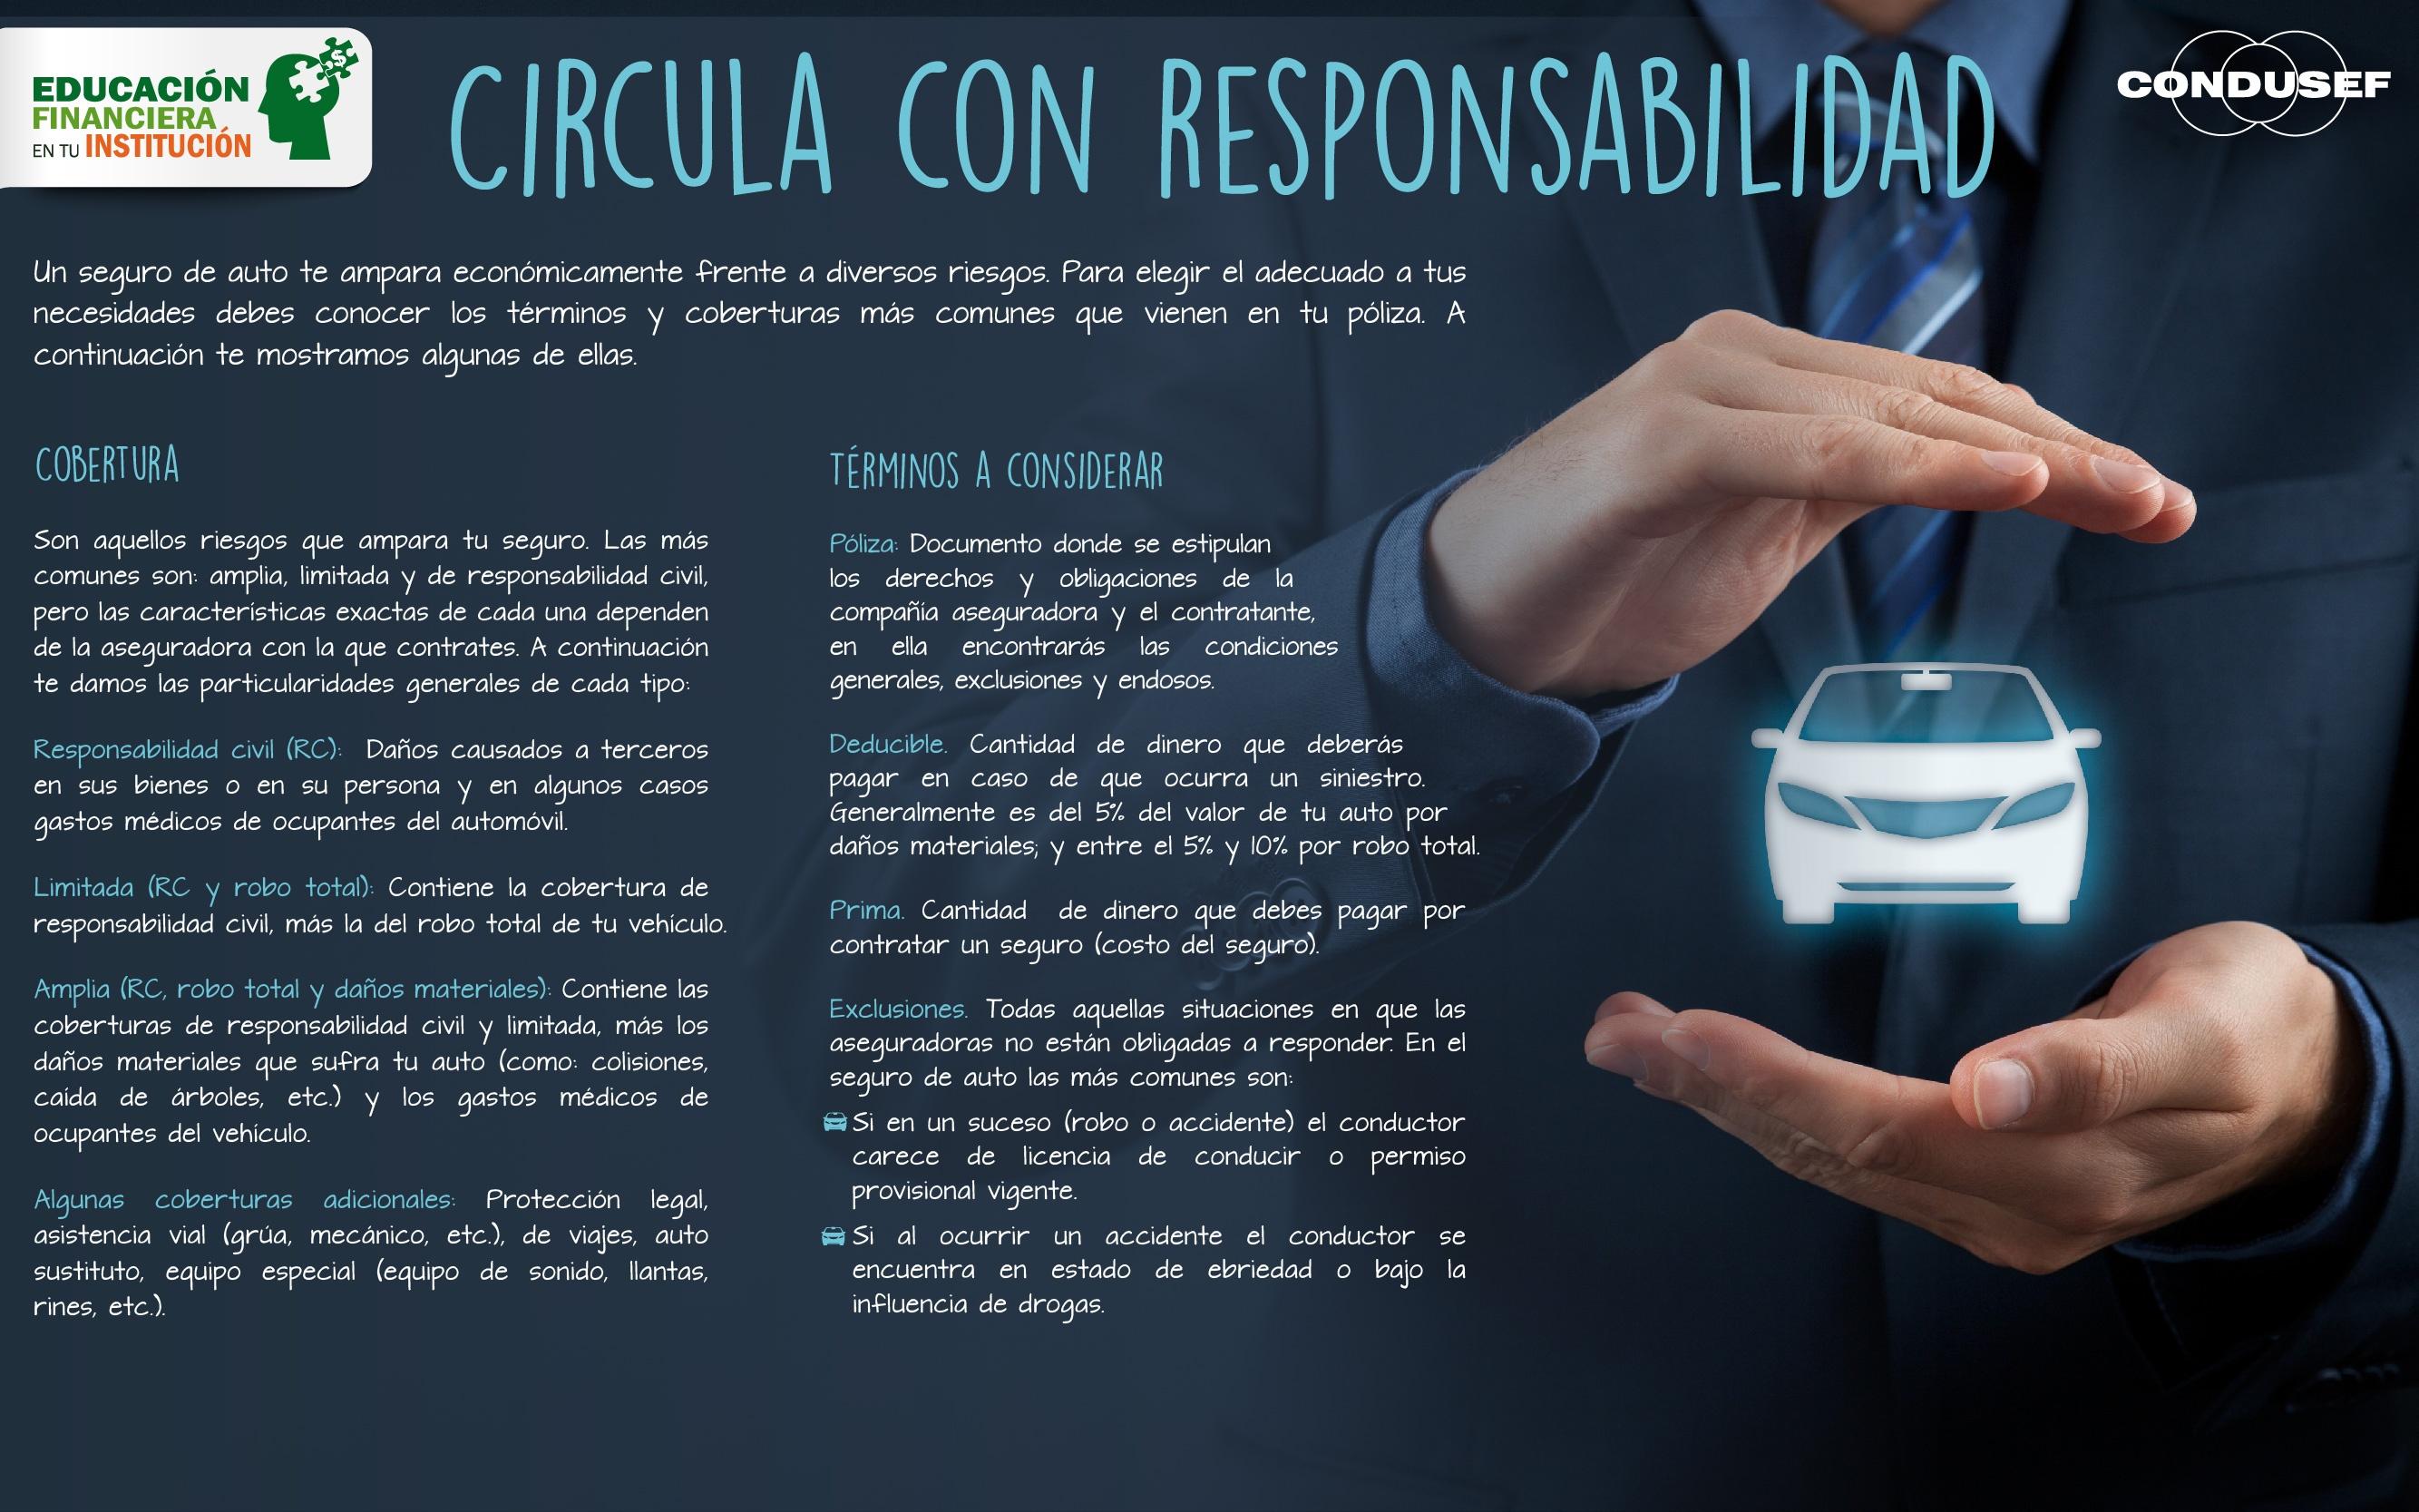 Circula con responsabilidad